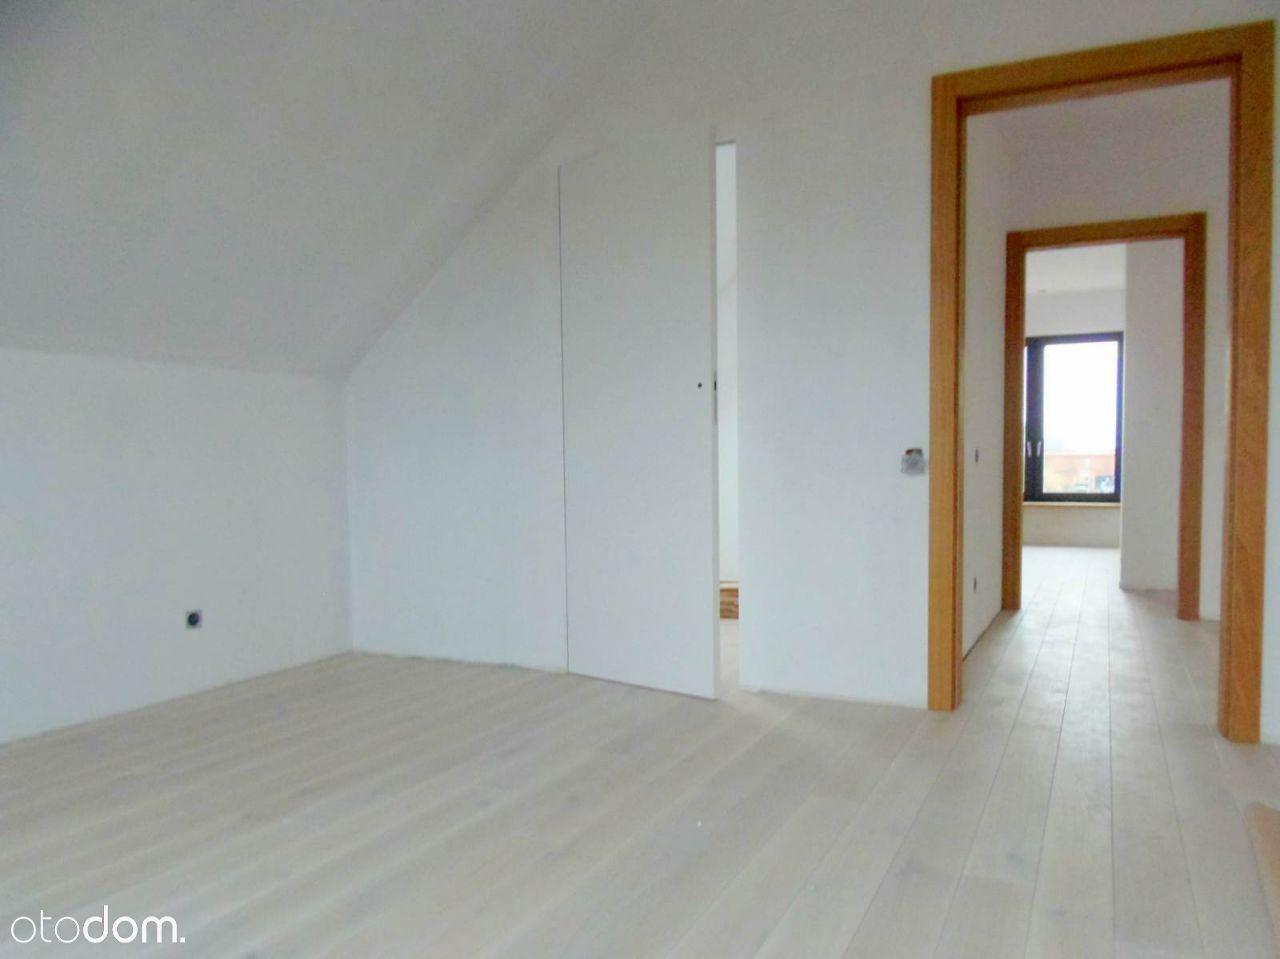 Dom na sprzedaż, Niekanin, kołobrzeski, zachodniopomorskie - Foto 16